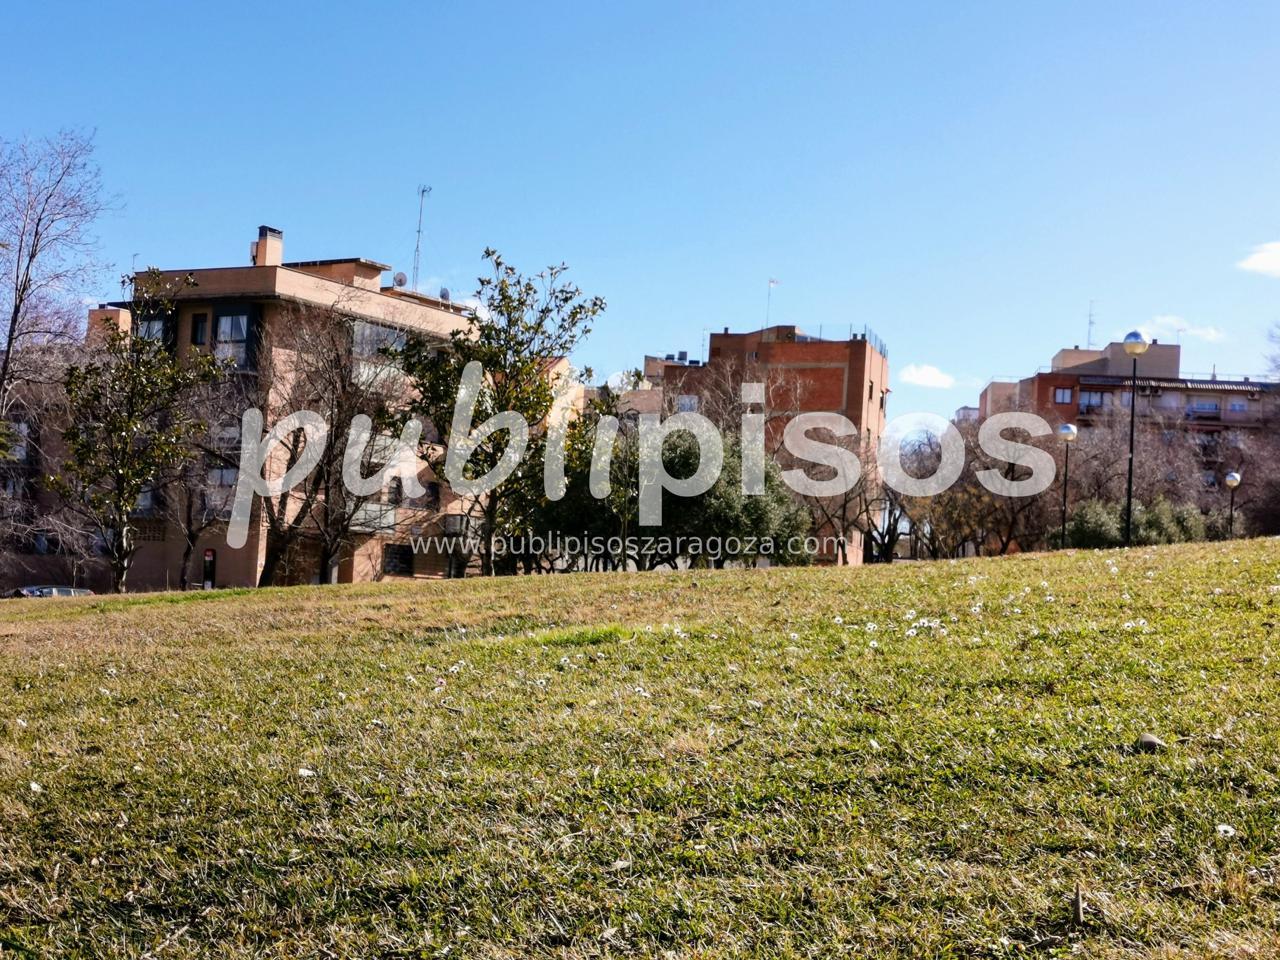 Piso en venta en Zaragoza de 78 m2-23